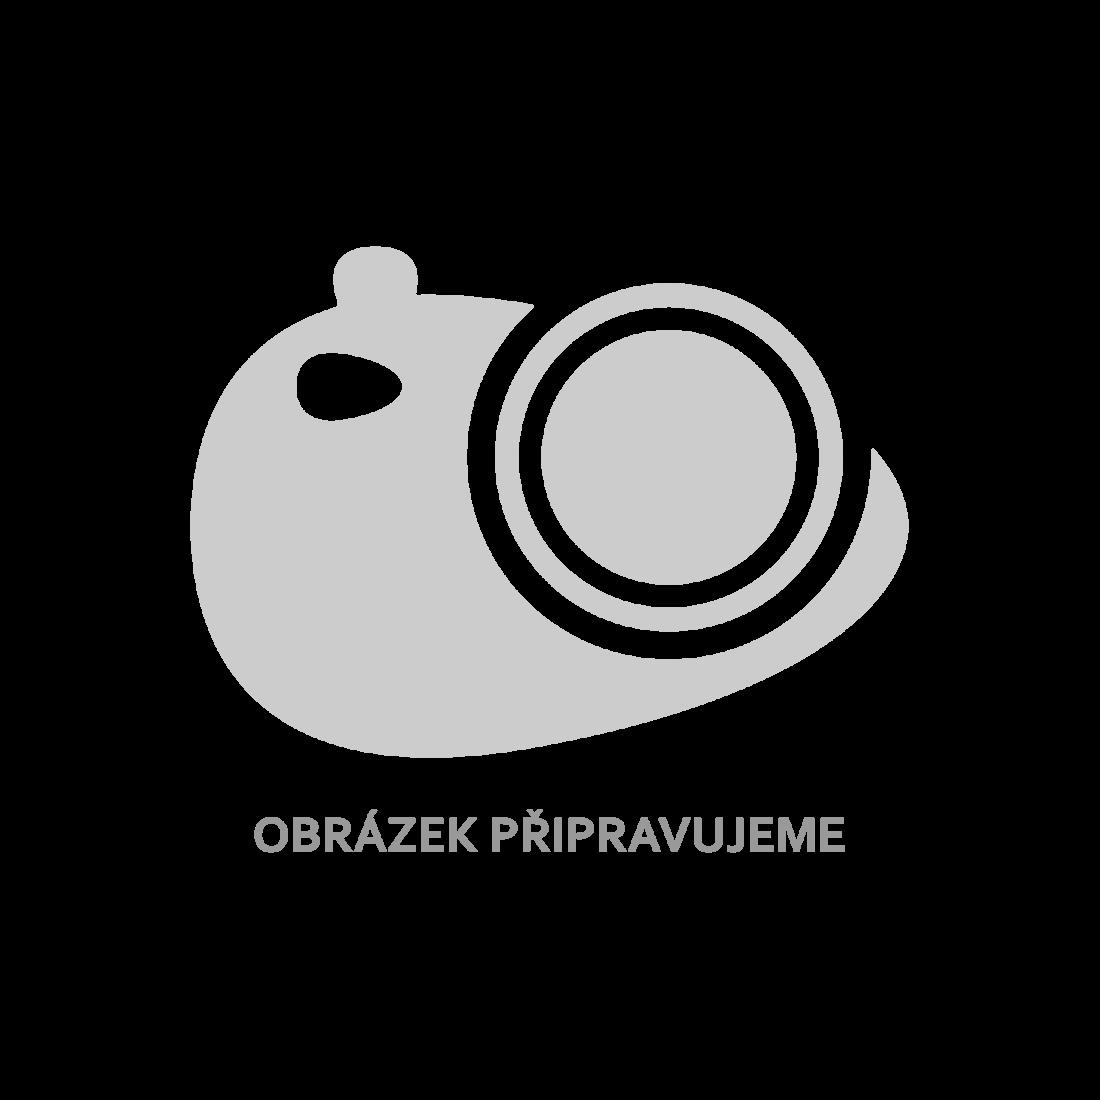 Škrabadlo pro kočky sisalové sloupky 230-250 cm béžové, tlapky [170620]